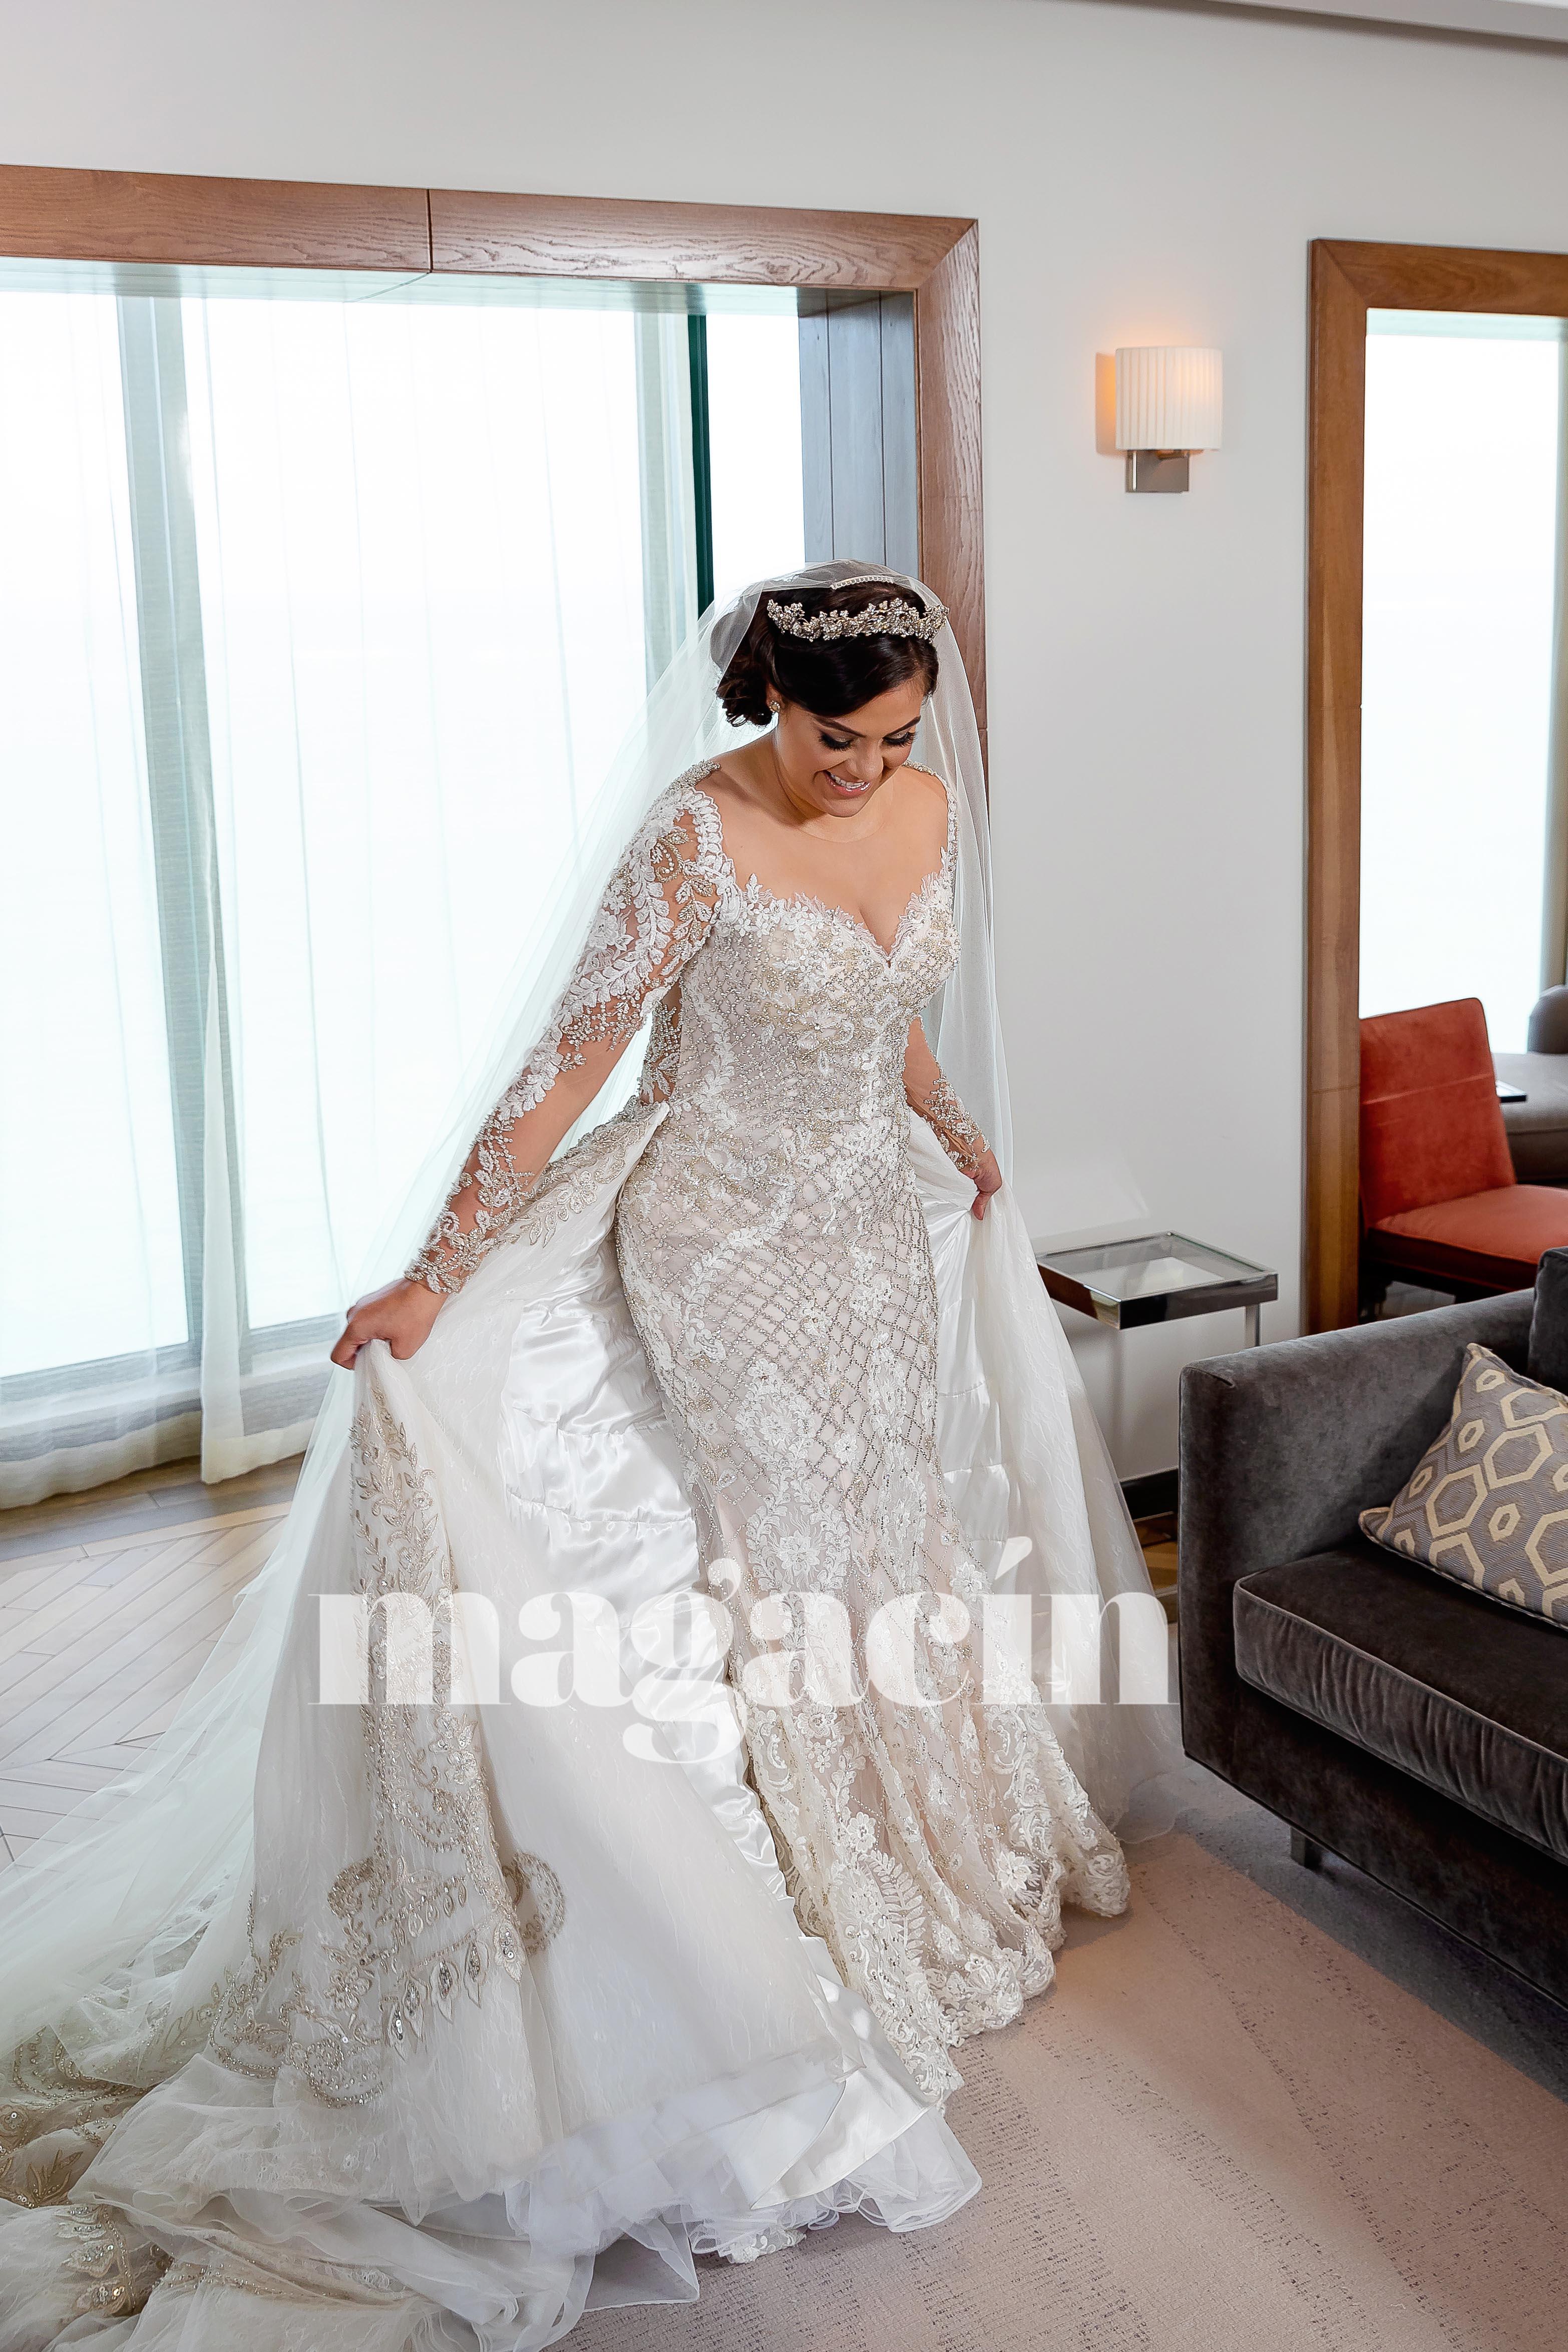 El traje de la novia fue de D'Royal Bride Exclusive Signature. (Suministrada/ Claudette Montero)